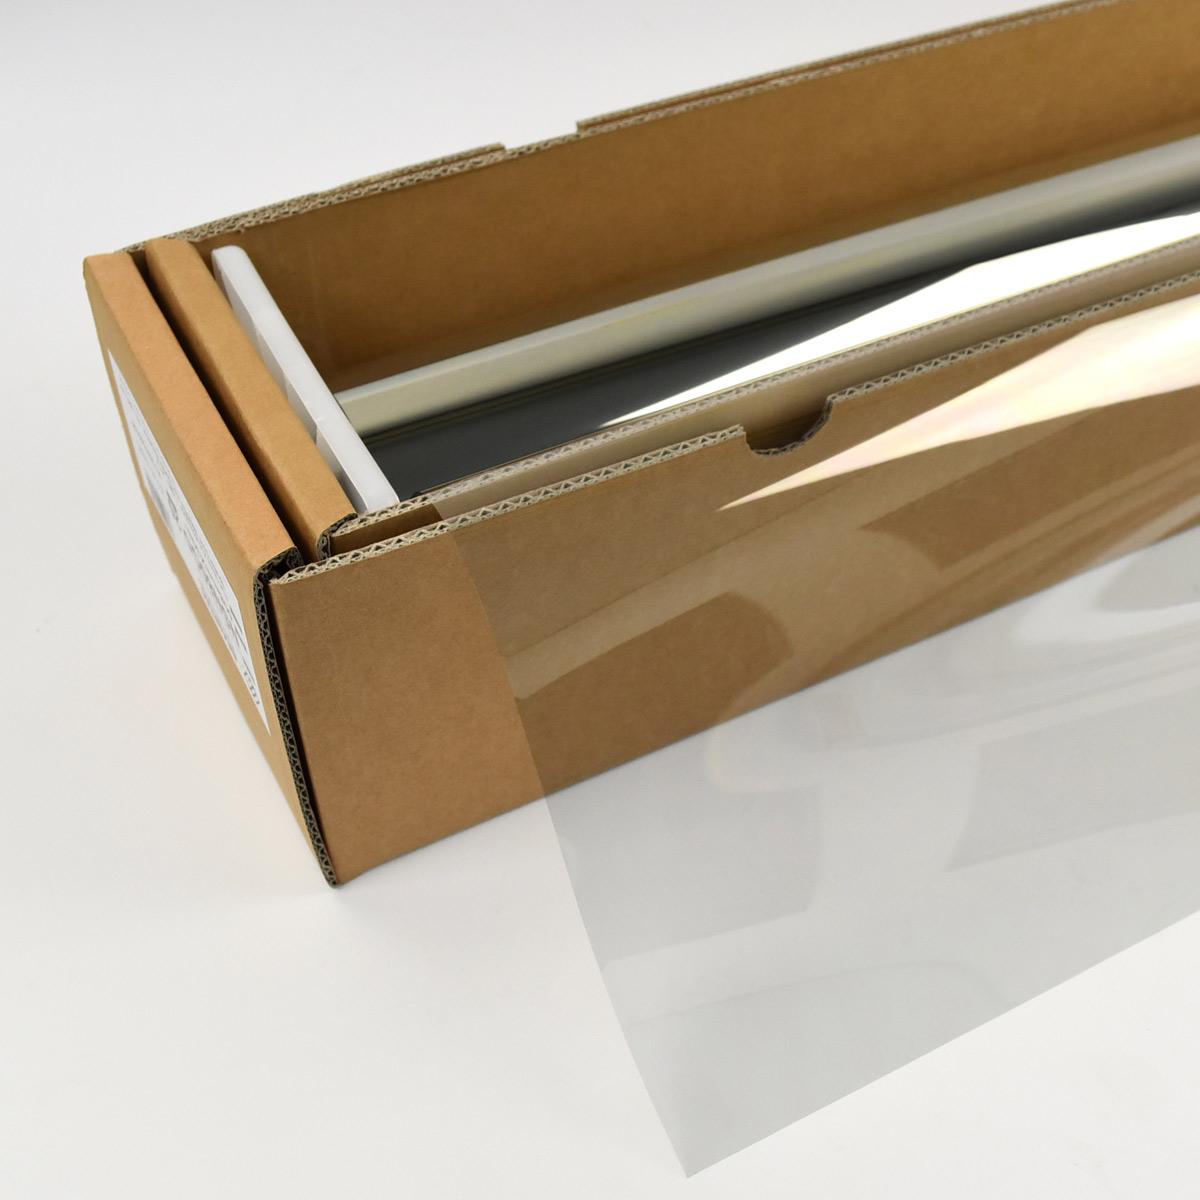 スパッタゴールド80(80%) 1m幅×30mロール箱売 カーフィルム 遮熱フィルム 断熱フィルム UVカットフィルム ブレインテック Braintec #NSN80GD40 Roll#